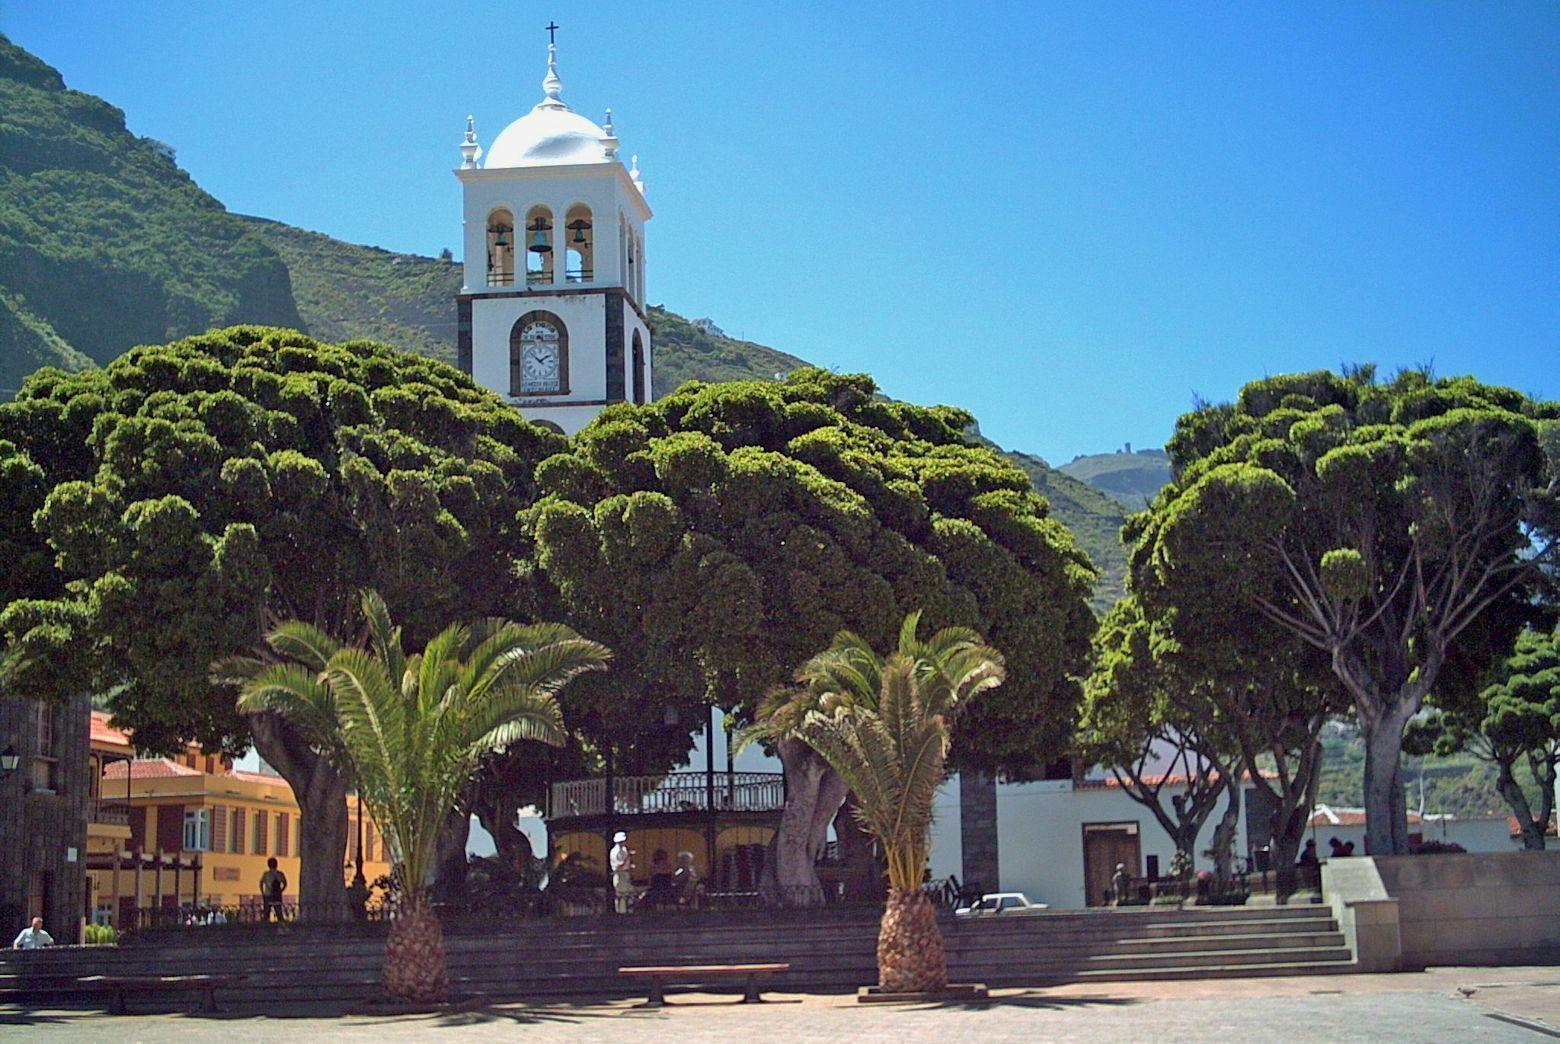 Bus Excursion To Teide Icod Garachico Masca Tenerife